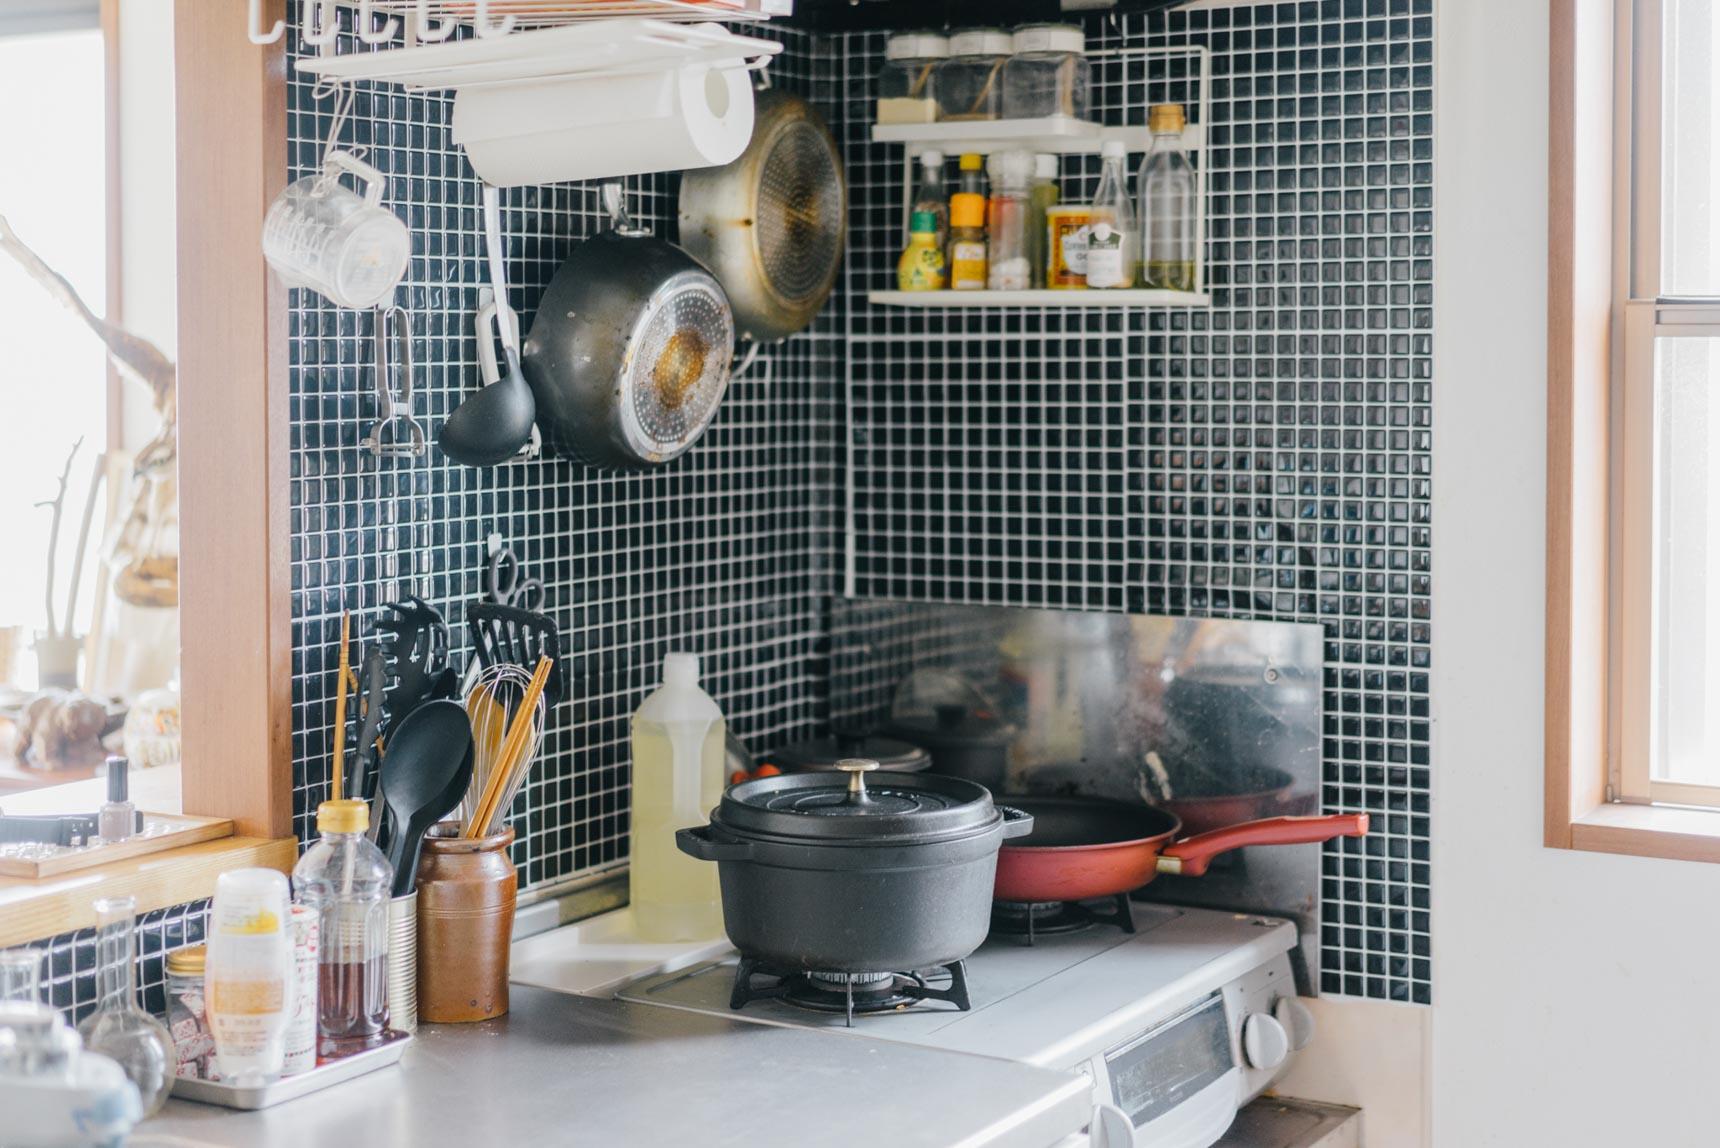 こちらのお部屋では、ツールやスパイス用の収納スタンドを吊るすことで、浮かせて収納。油はねで汚れにくくなりますね。(このお部屋はこちら)